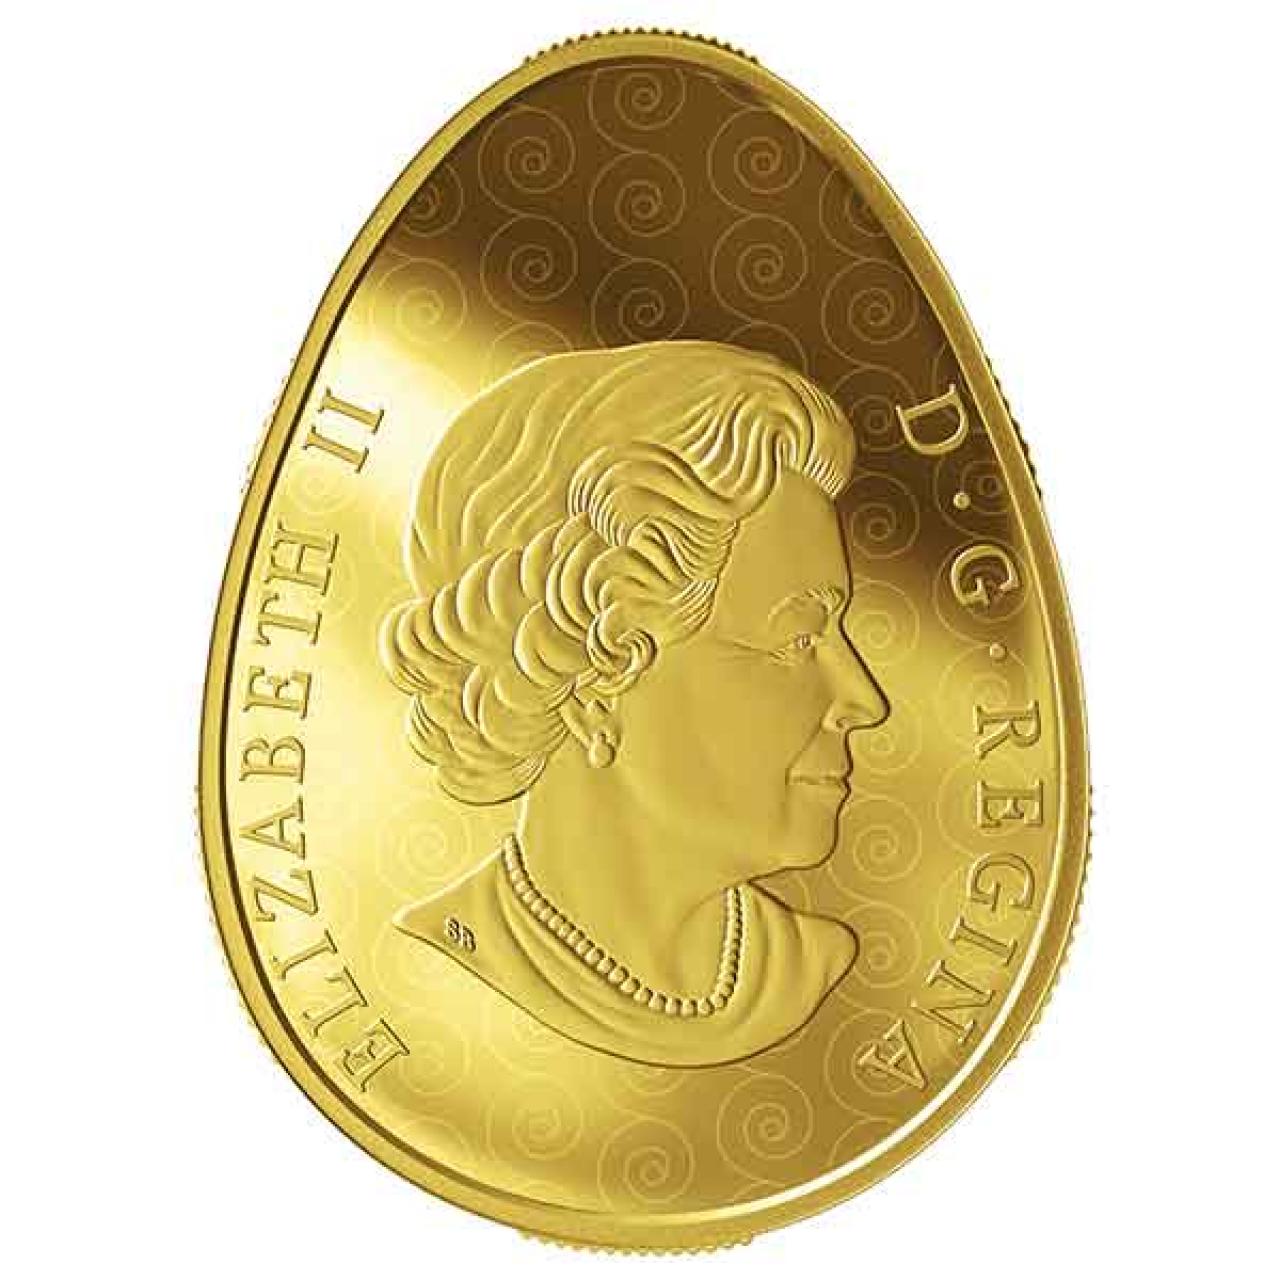 У Канаді випустили золоту монету у формі української писанки – її ціна вражає - фото 429309